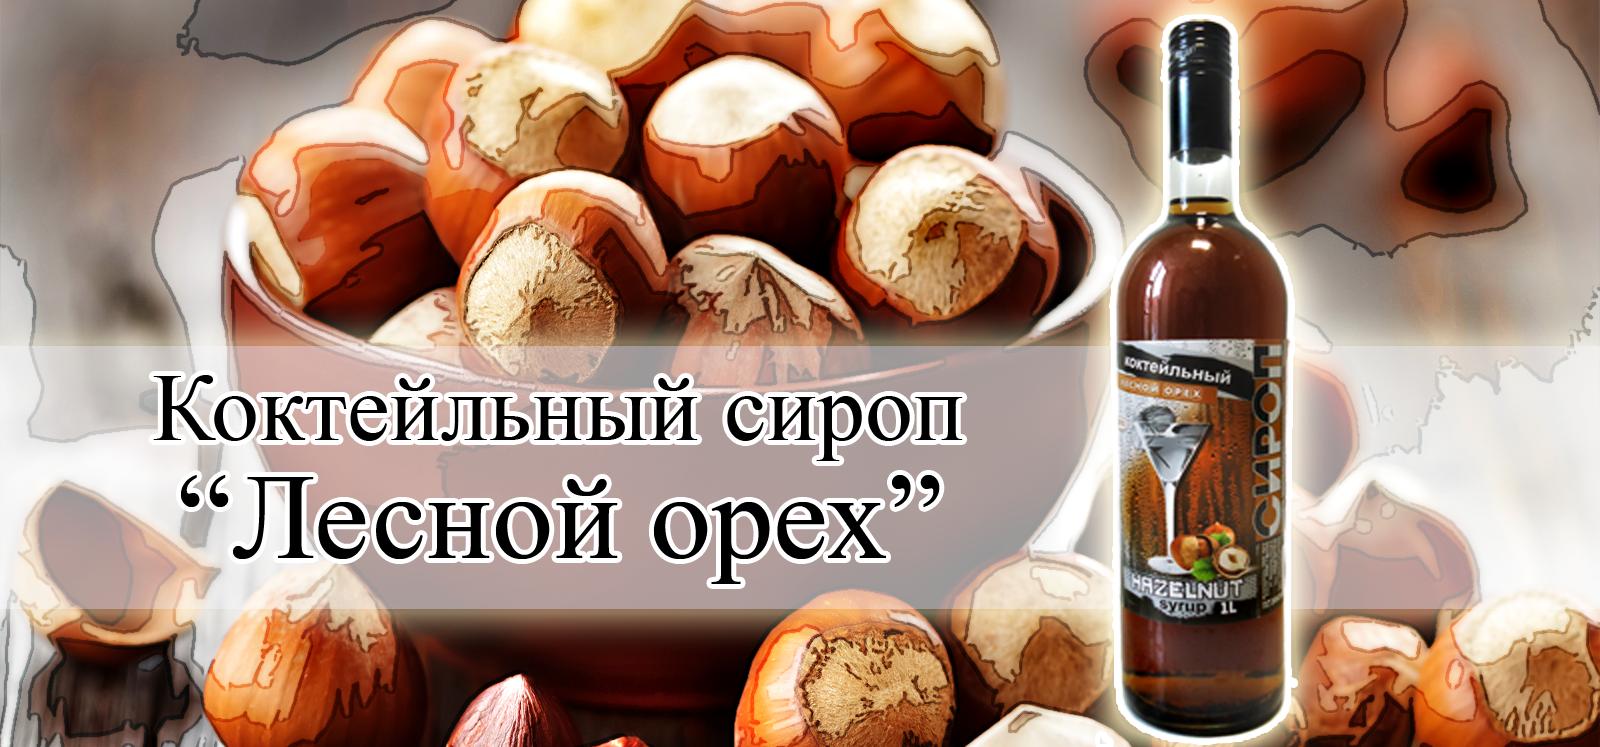 Арта - Сиропы - Коктейльный сироп Лесной орех